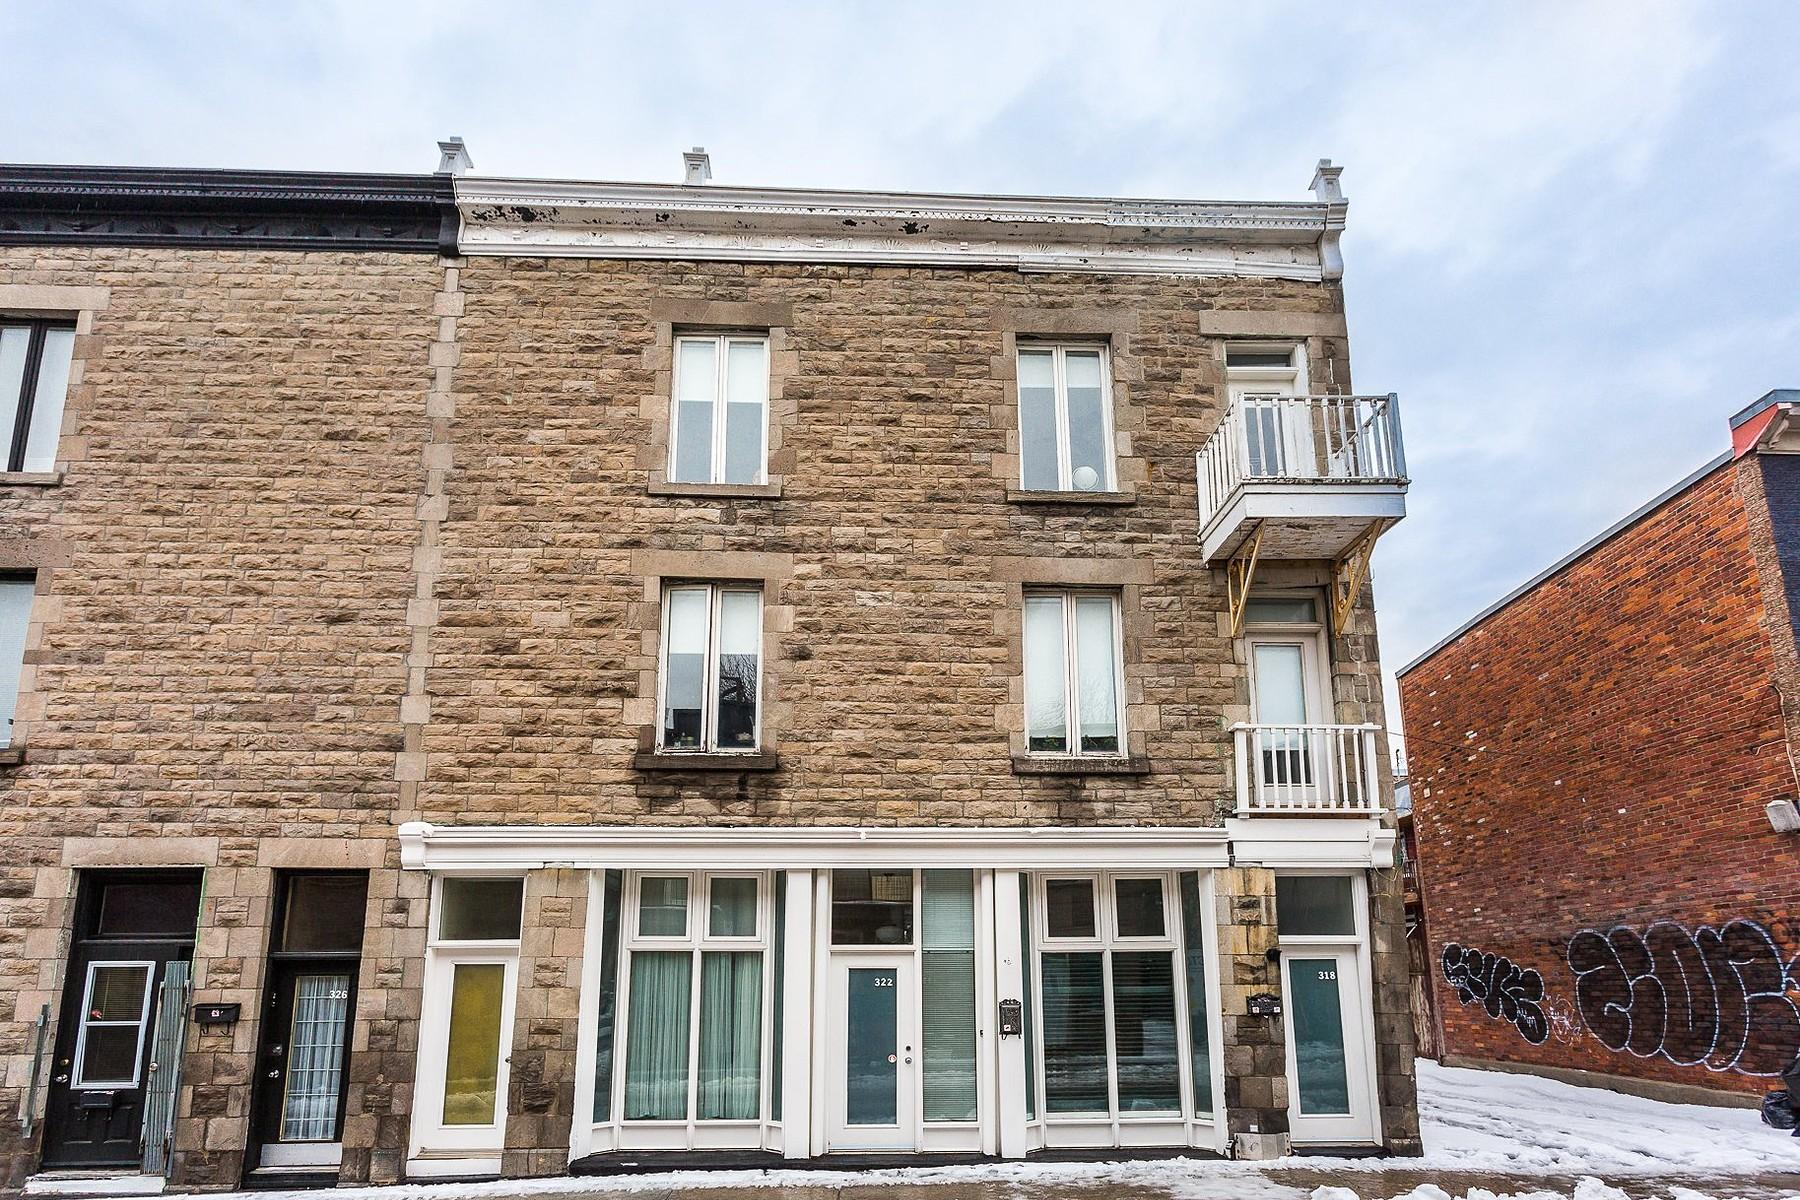 Casa Unifamiliar por un Venta en Le Plateau-Mont-Royal, Montréal 322 Rue Marie-Anne E. Le Plateau Mont Royal, Quebec, H2W1B1 Canadá